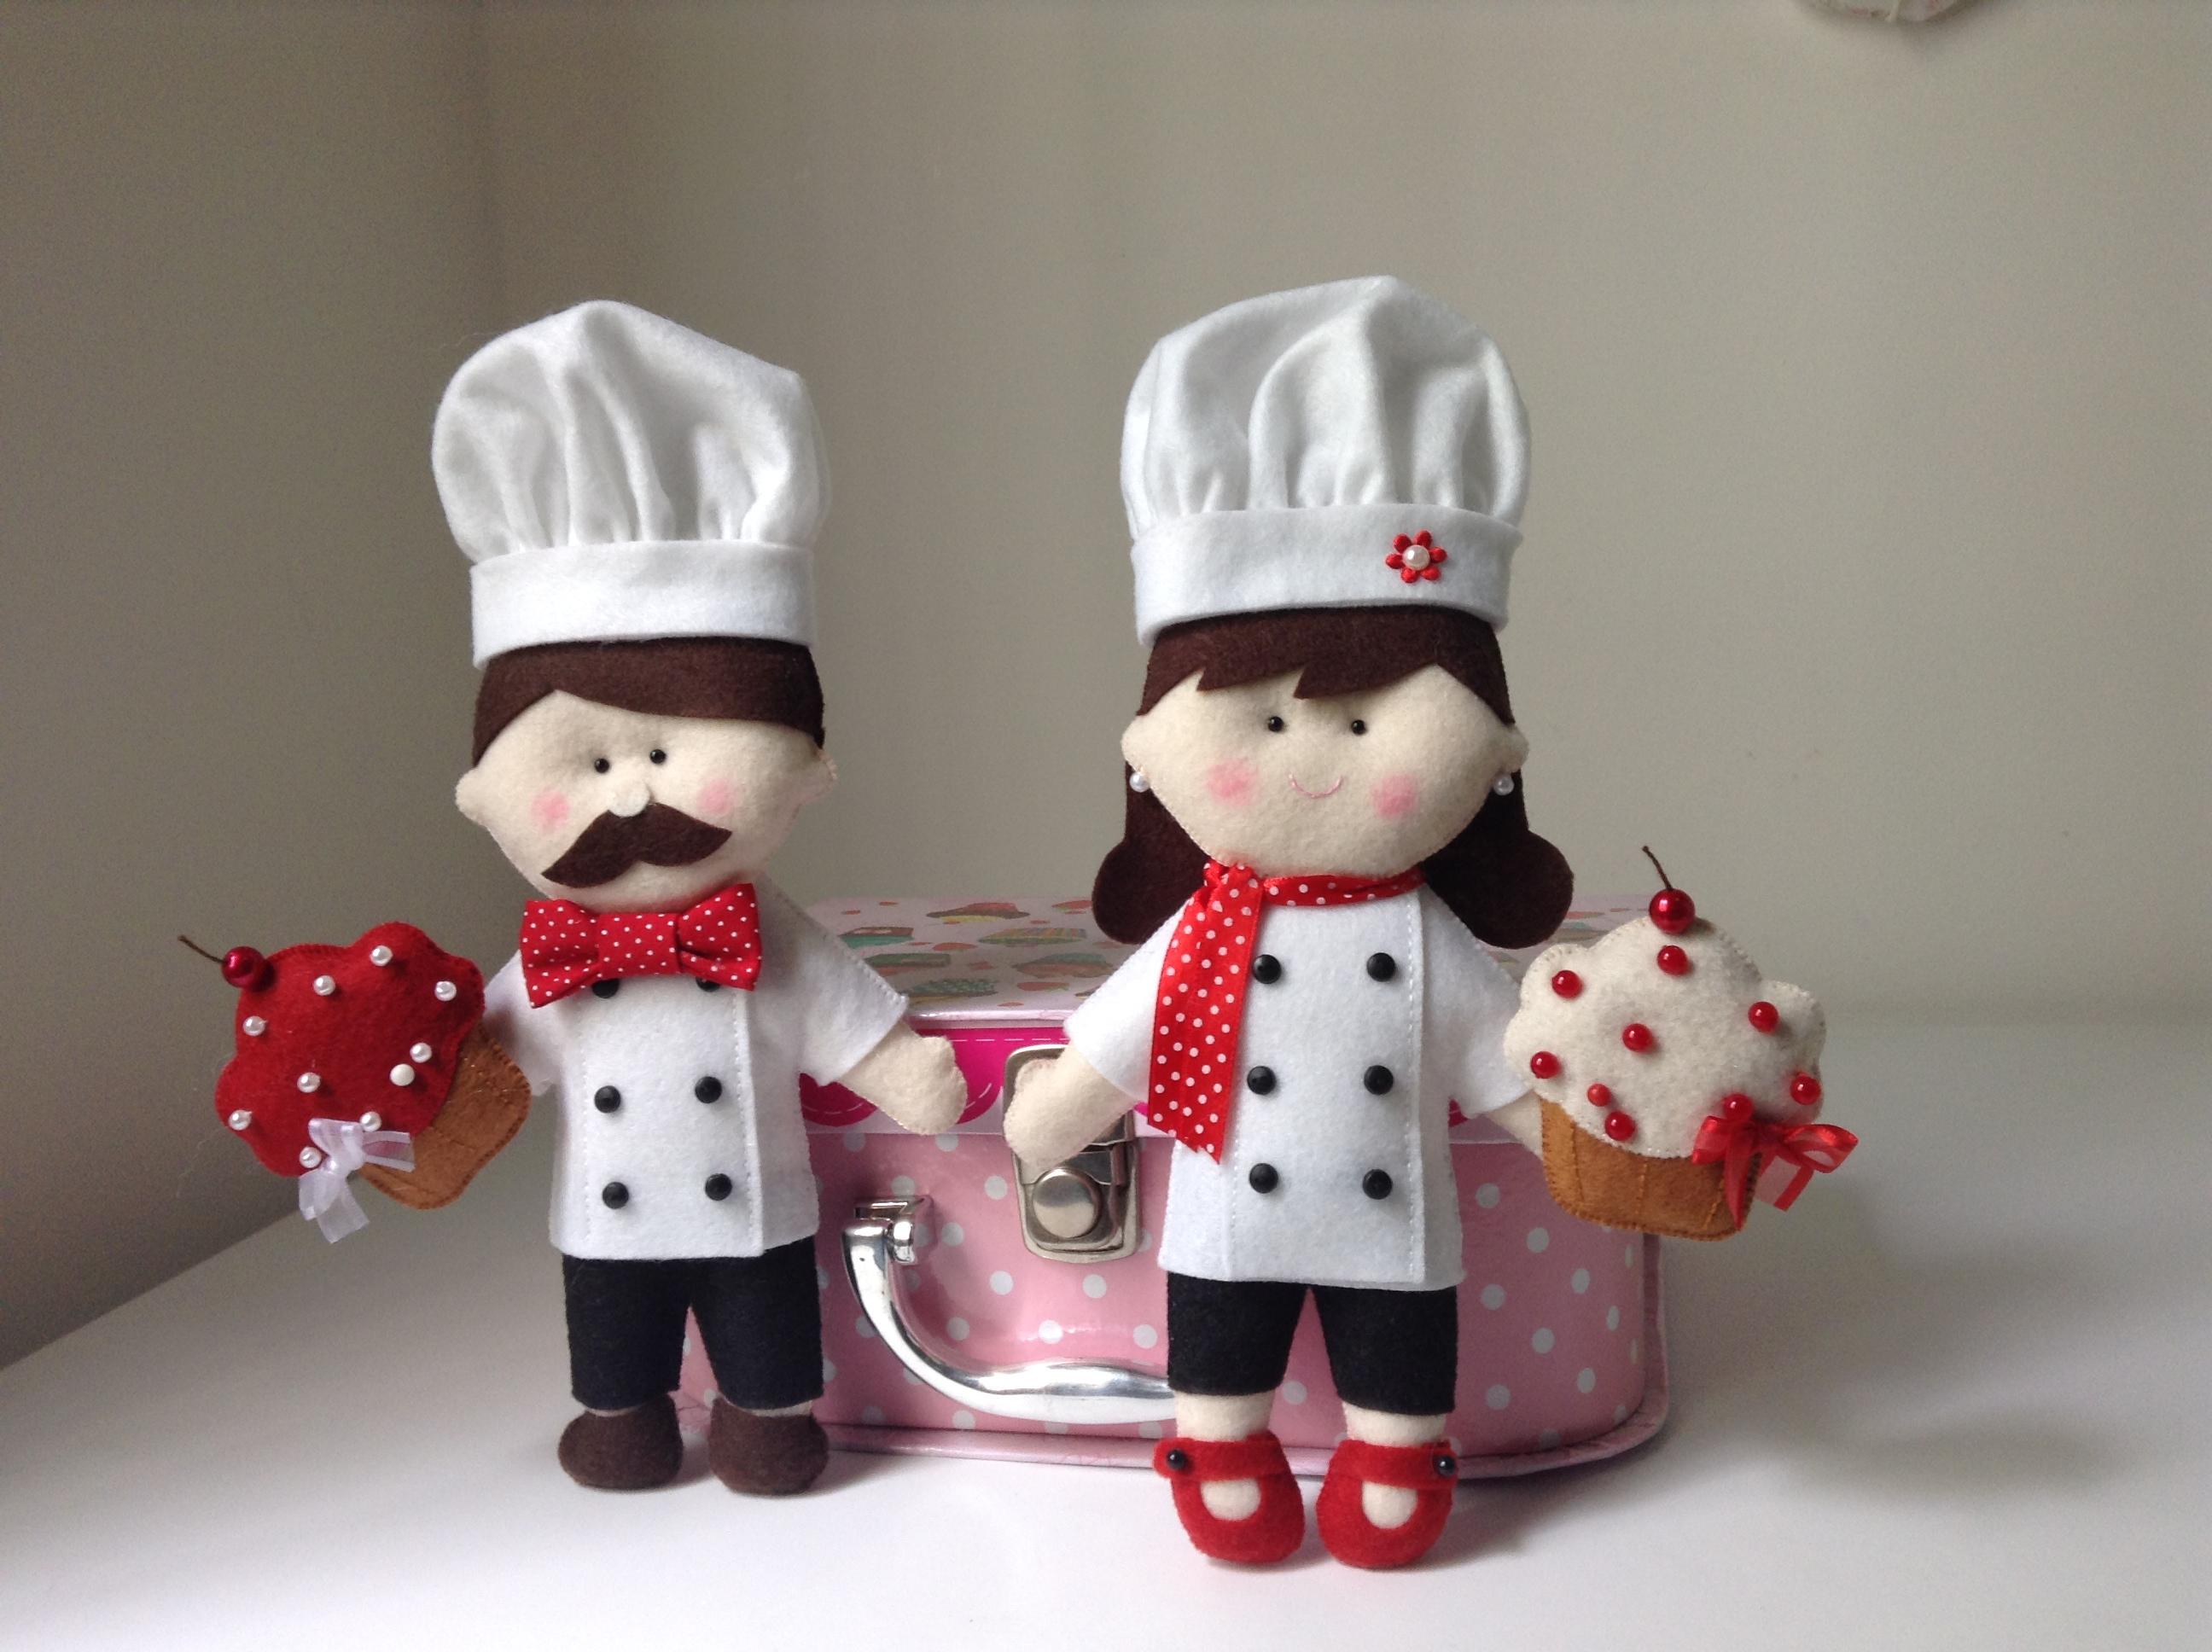 de cozinha de feltro chef de cozinha chef de cozinha de feltro chef de